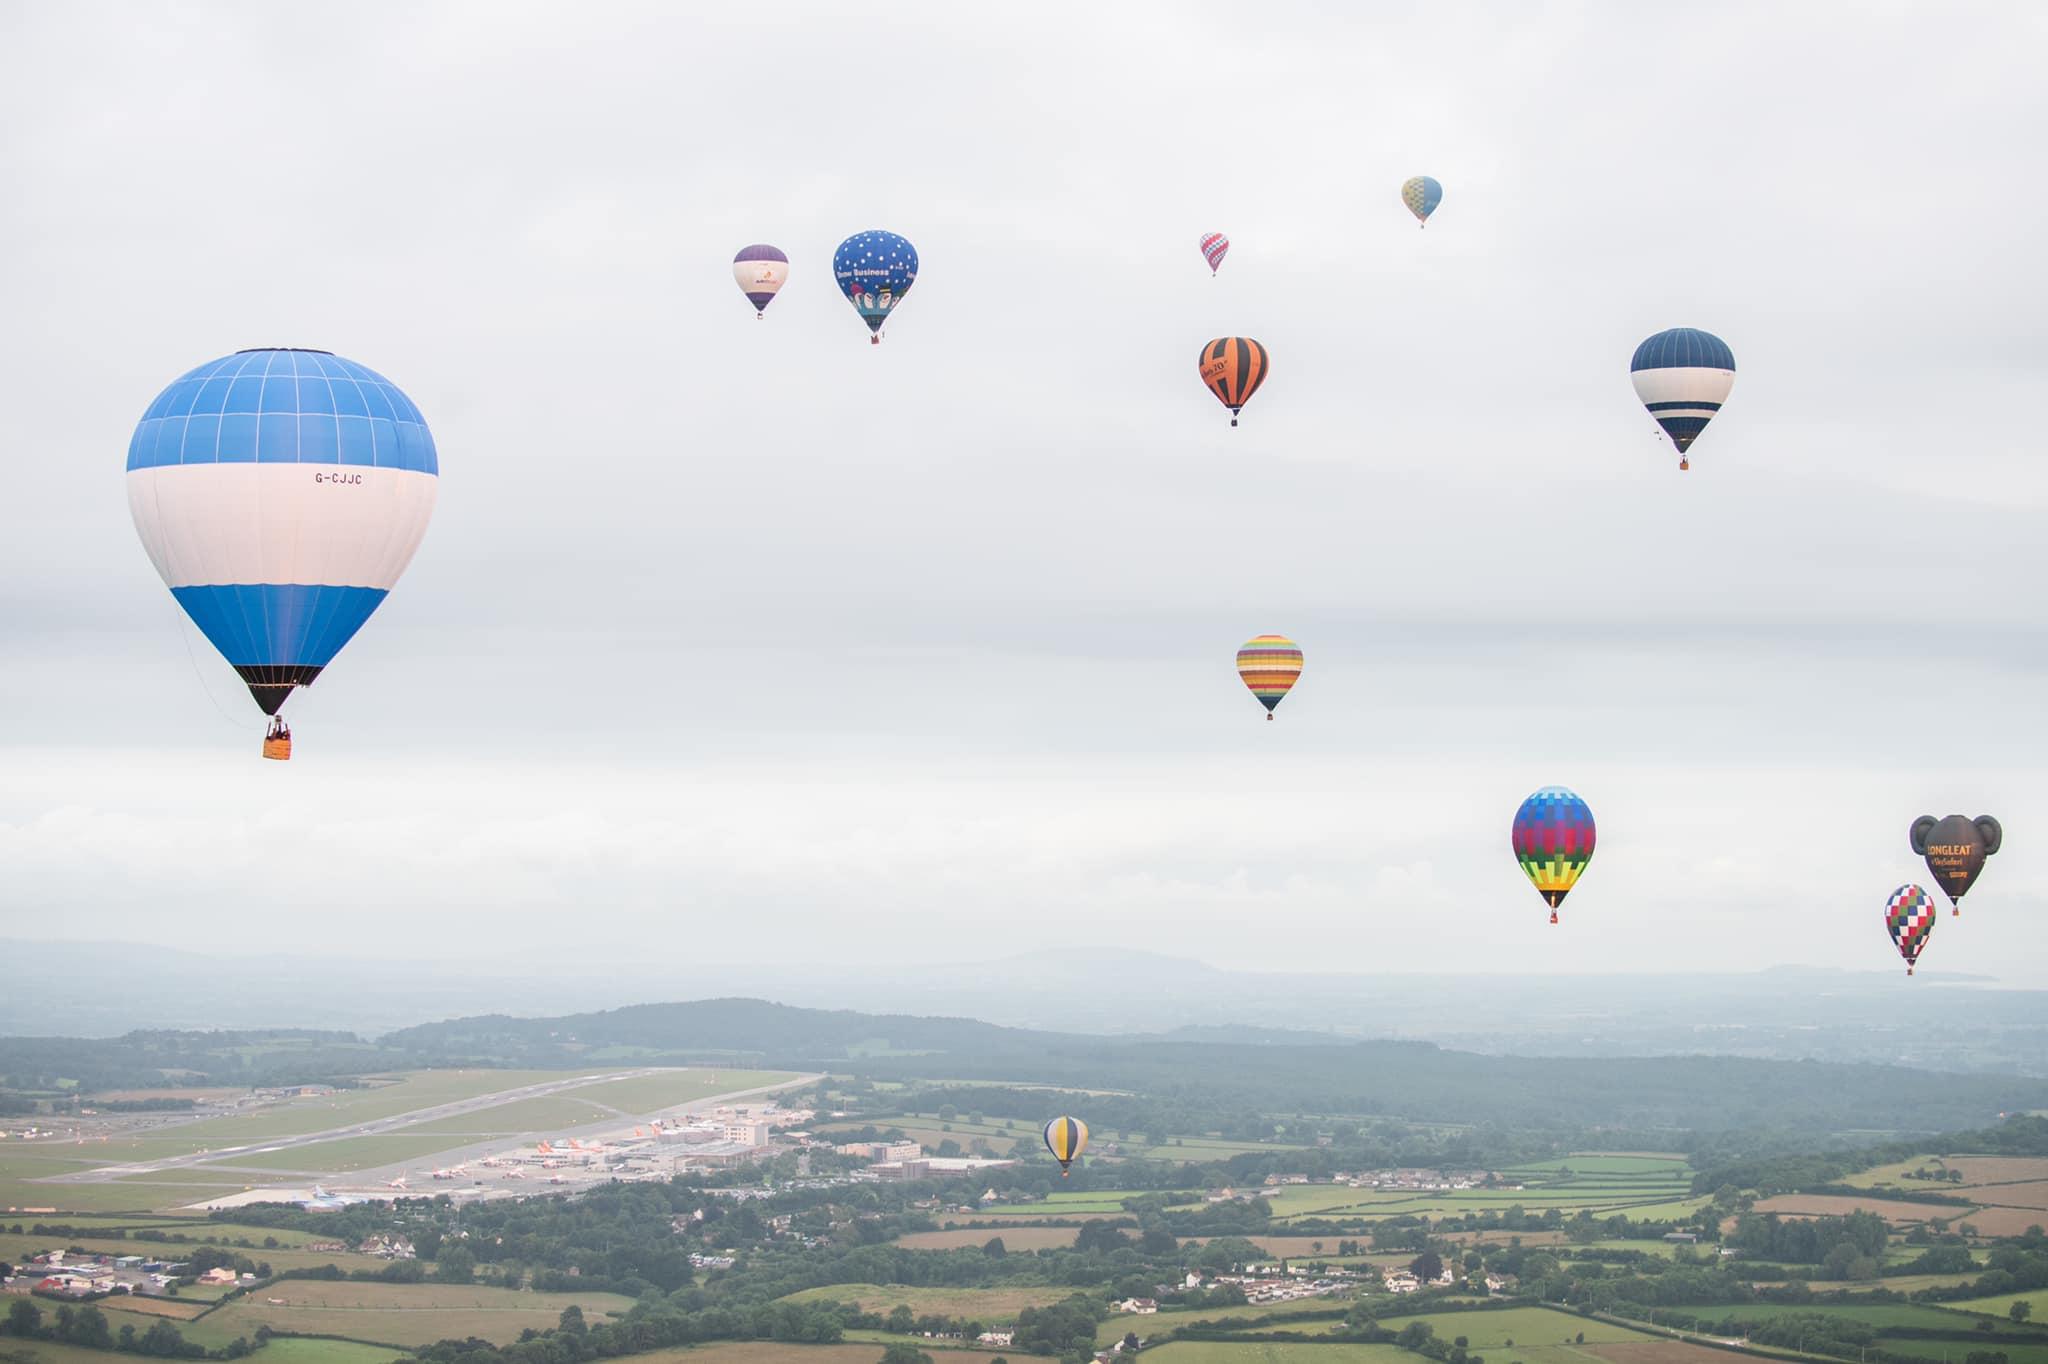 Premieră la Sibiu: Festival al baloanelor cu aer cald și petrecere cu muzică live la o mie de metri altitudine